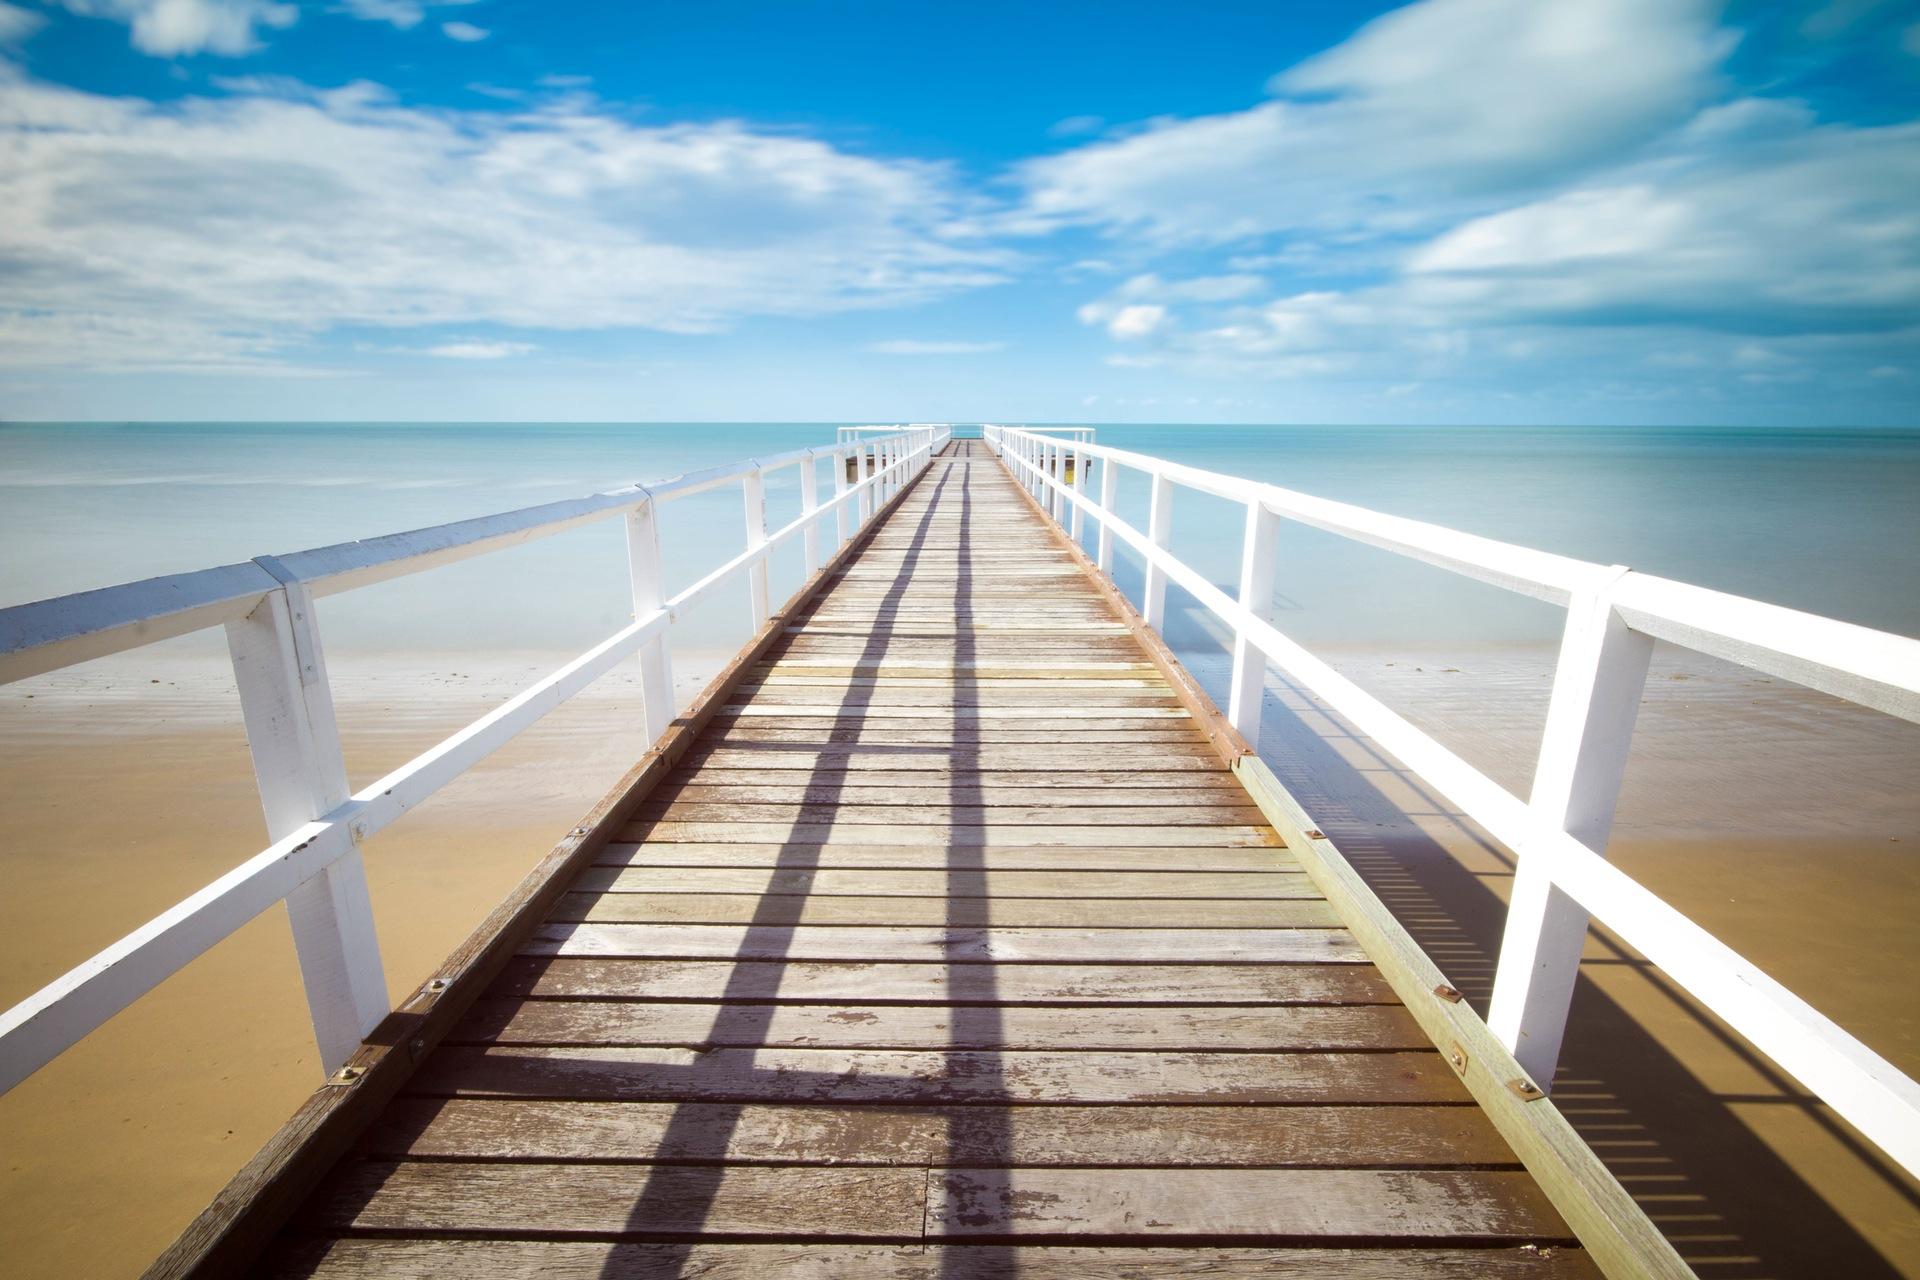 Эмбаркадеро, Пляж, Лето, расслабиться, Небо, Море, воды, Синий - Обои HD - Профессор falken.com